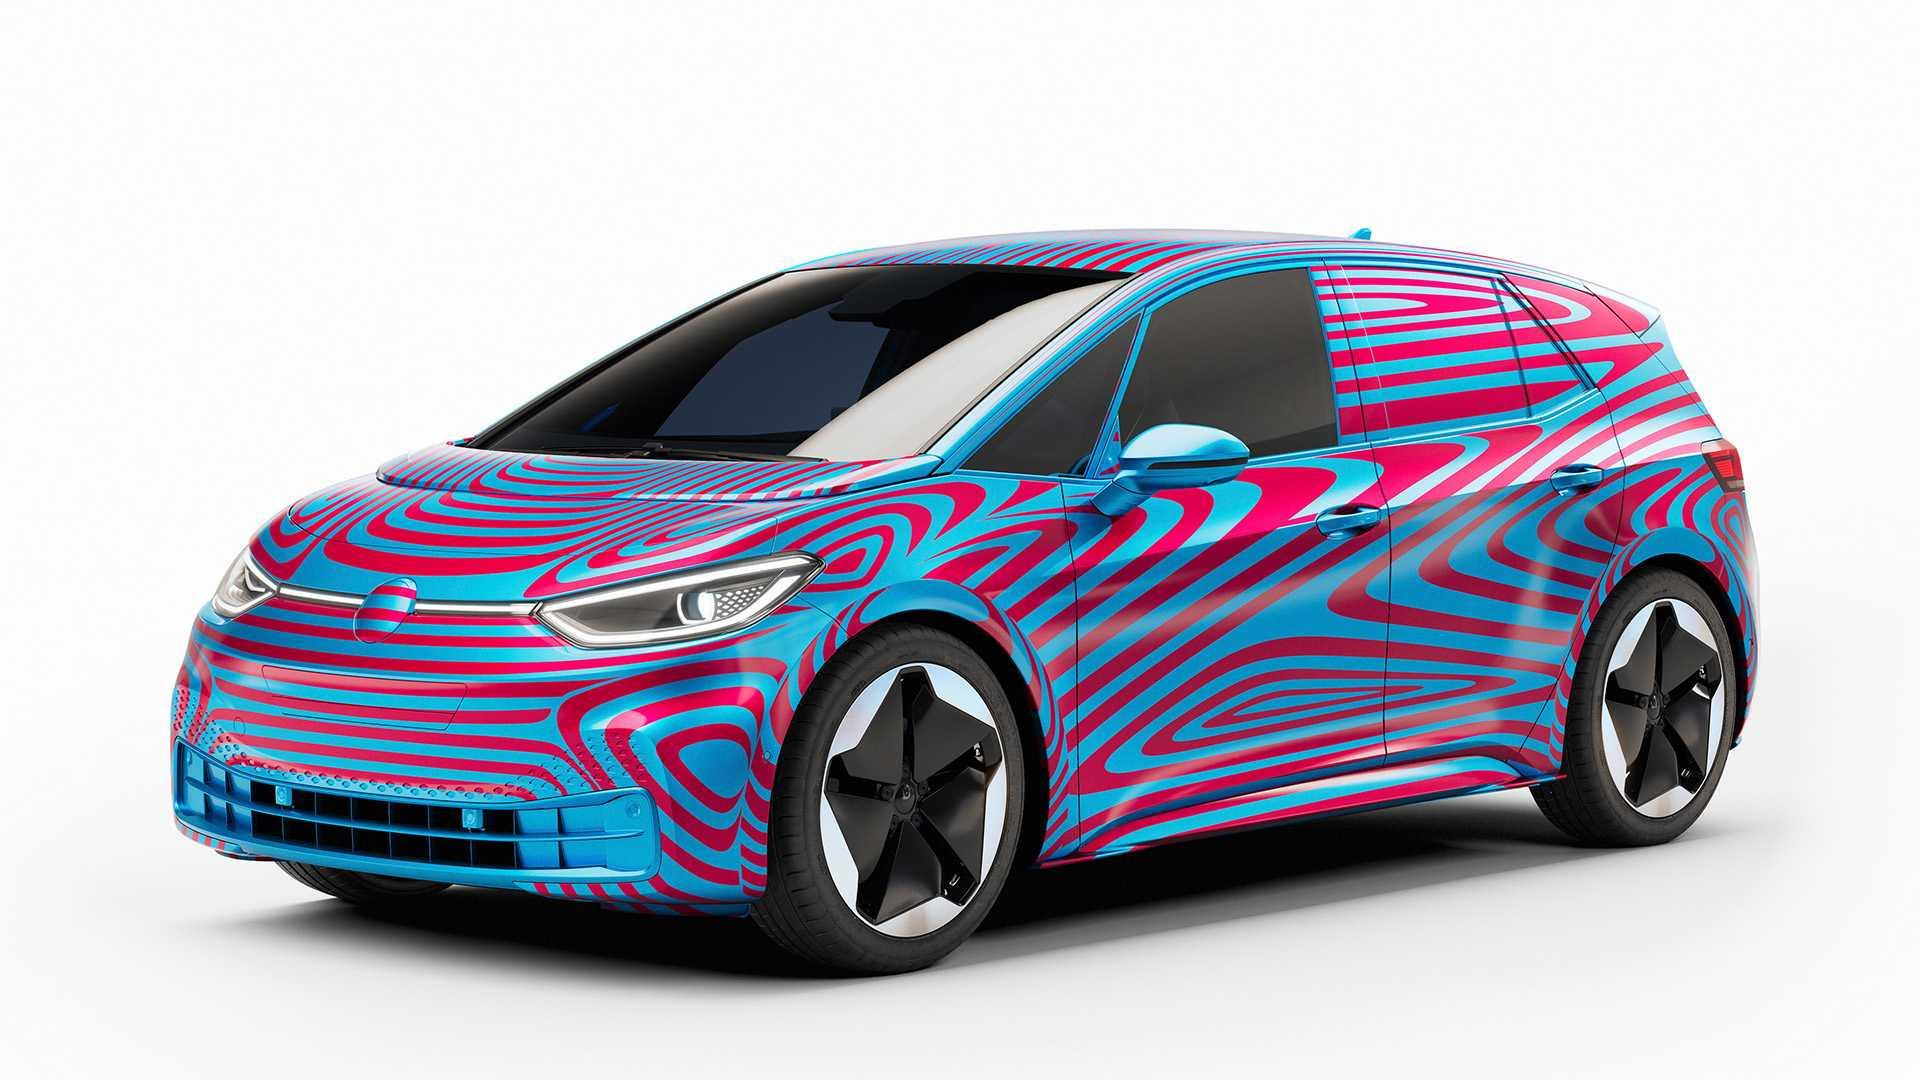 Krenule rezervacije za Volkswagen ID.3 – potvrđena zvanična oznaka